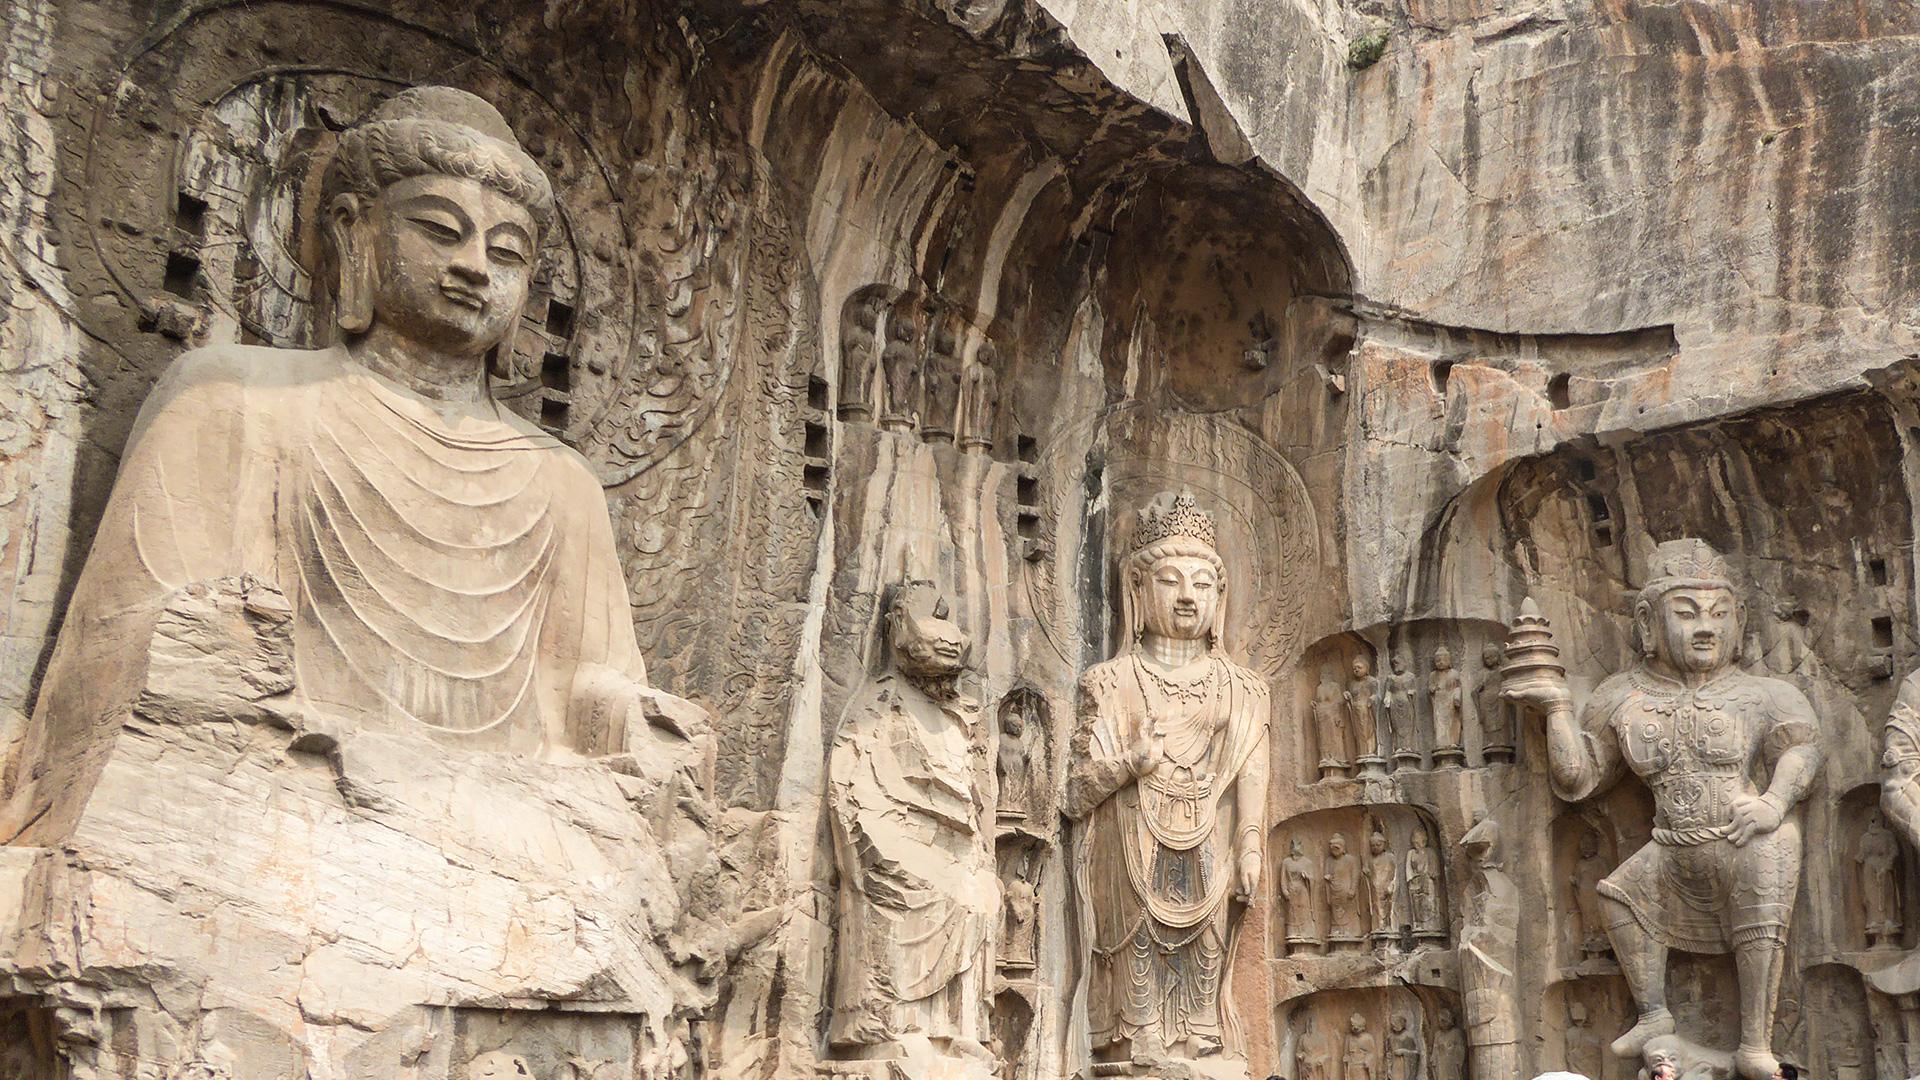 The Longmen Caves near Luoyang